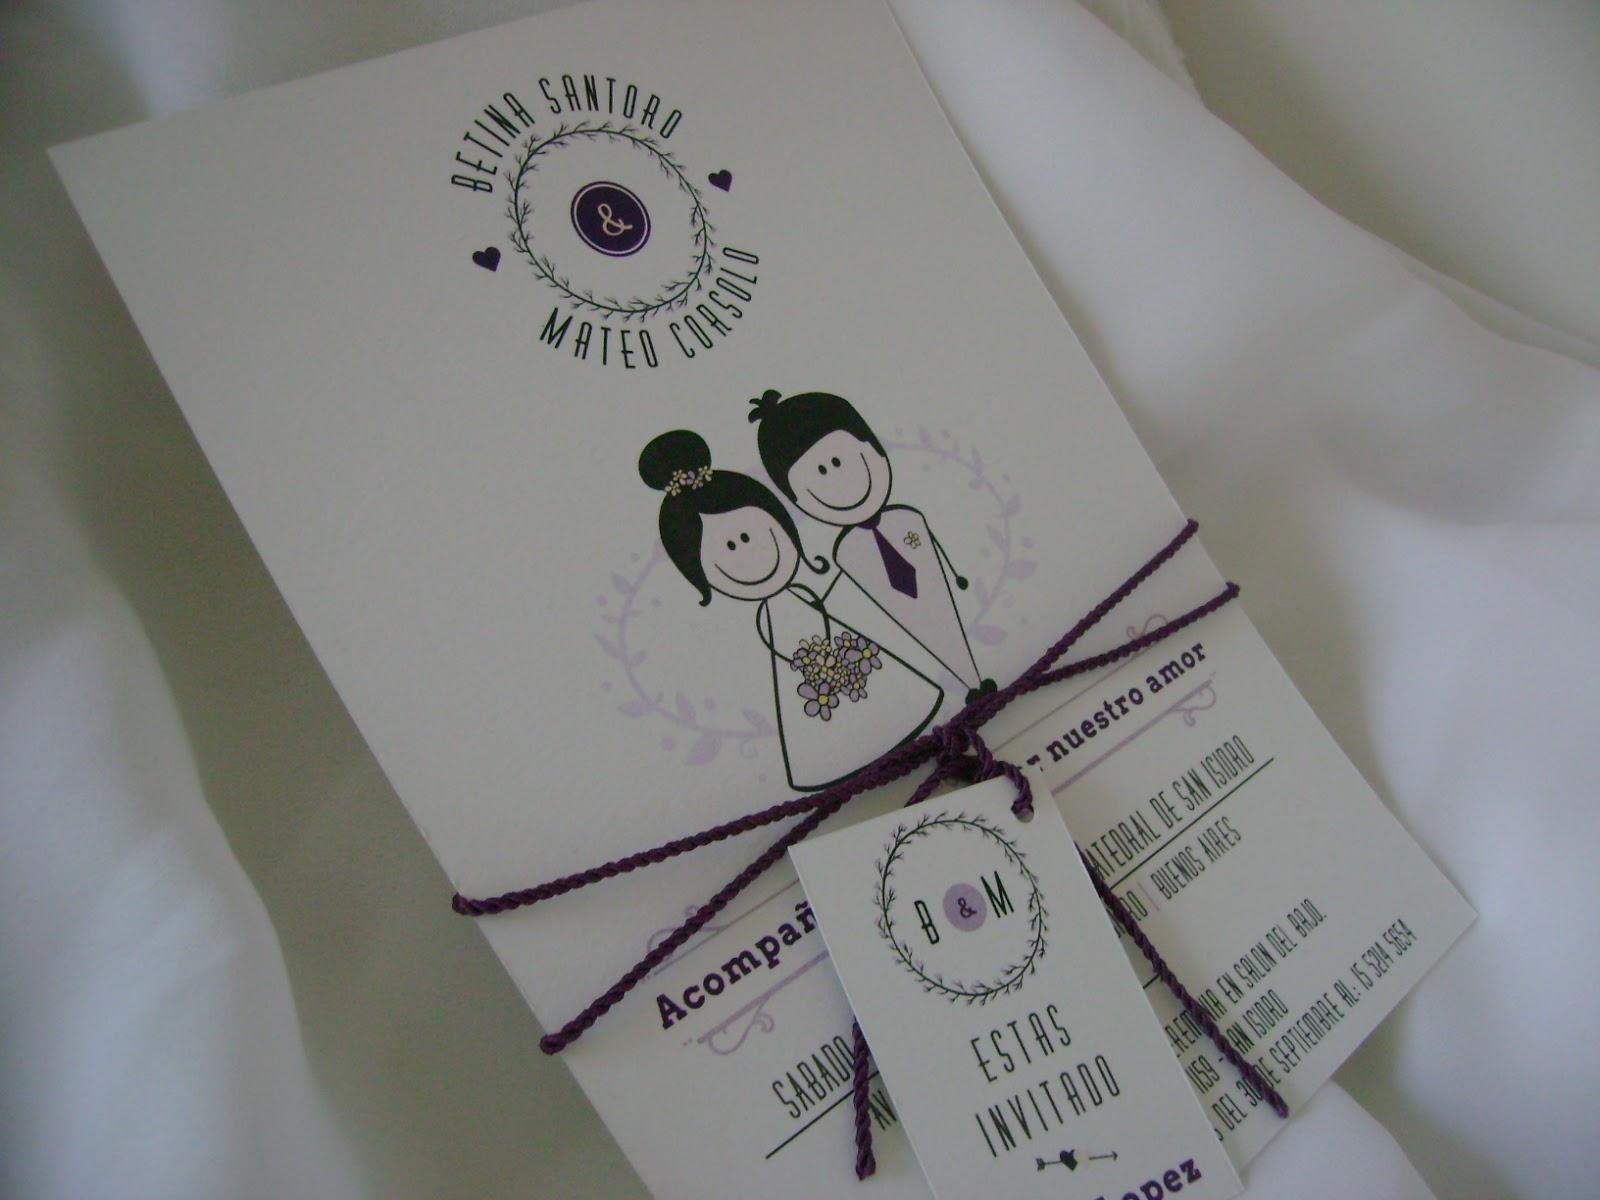 Invitaciones y tarjetas de casamiento nuevos dise os para - Tarjetas de invitacion de boda originales ...